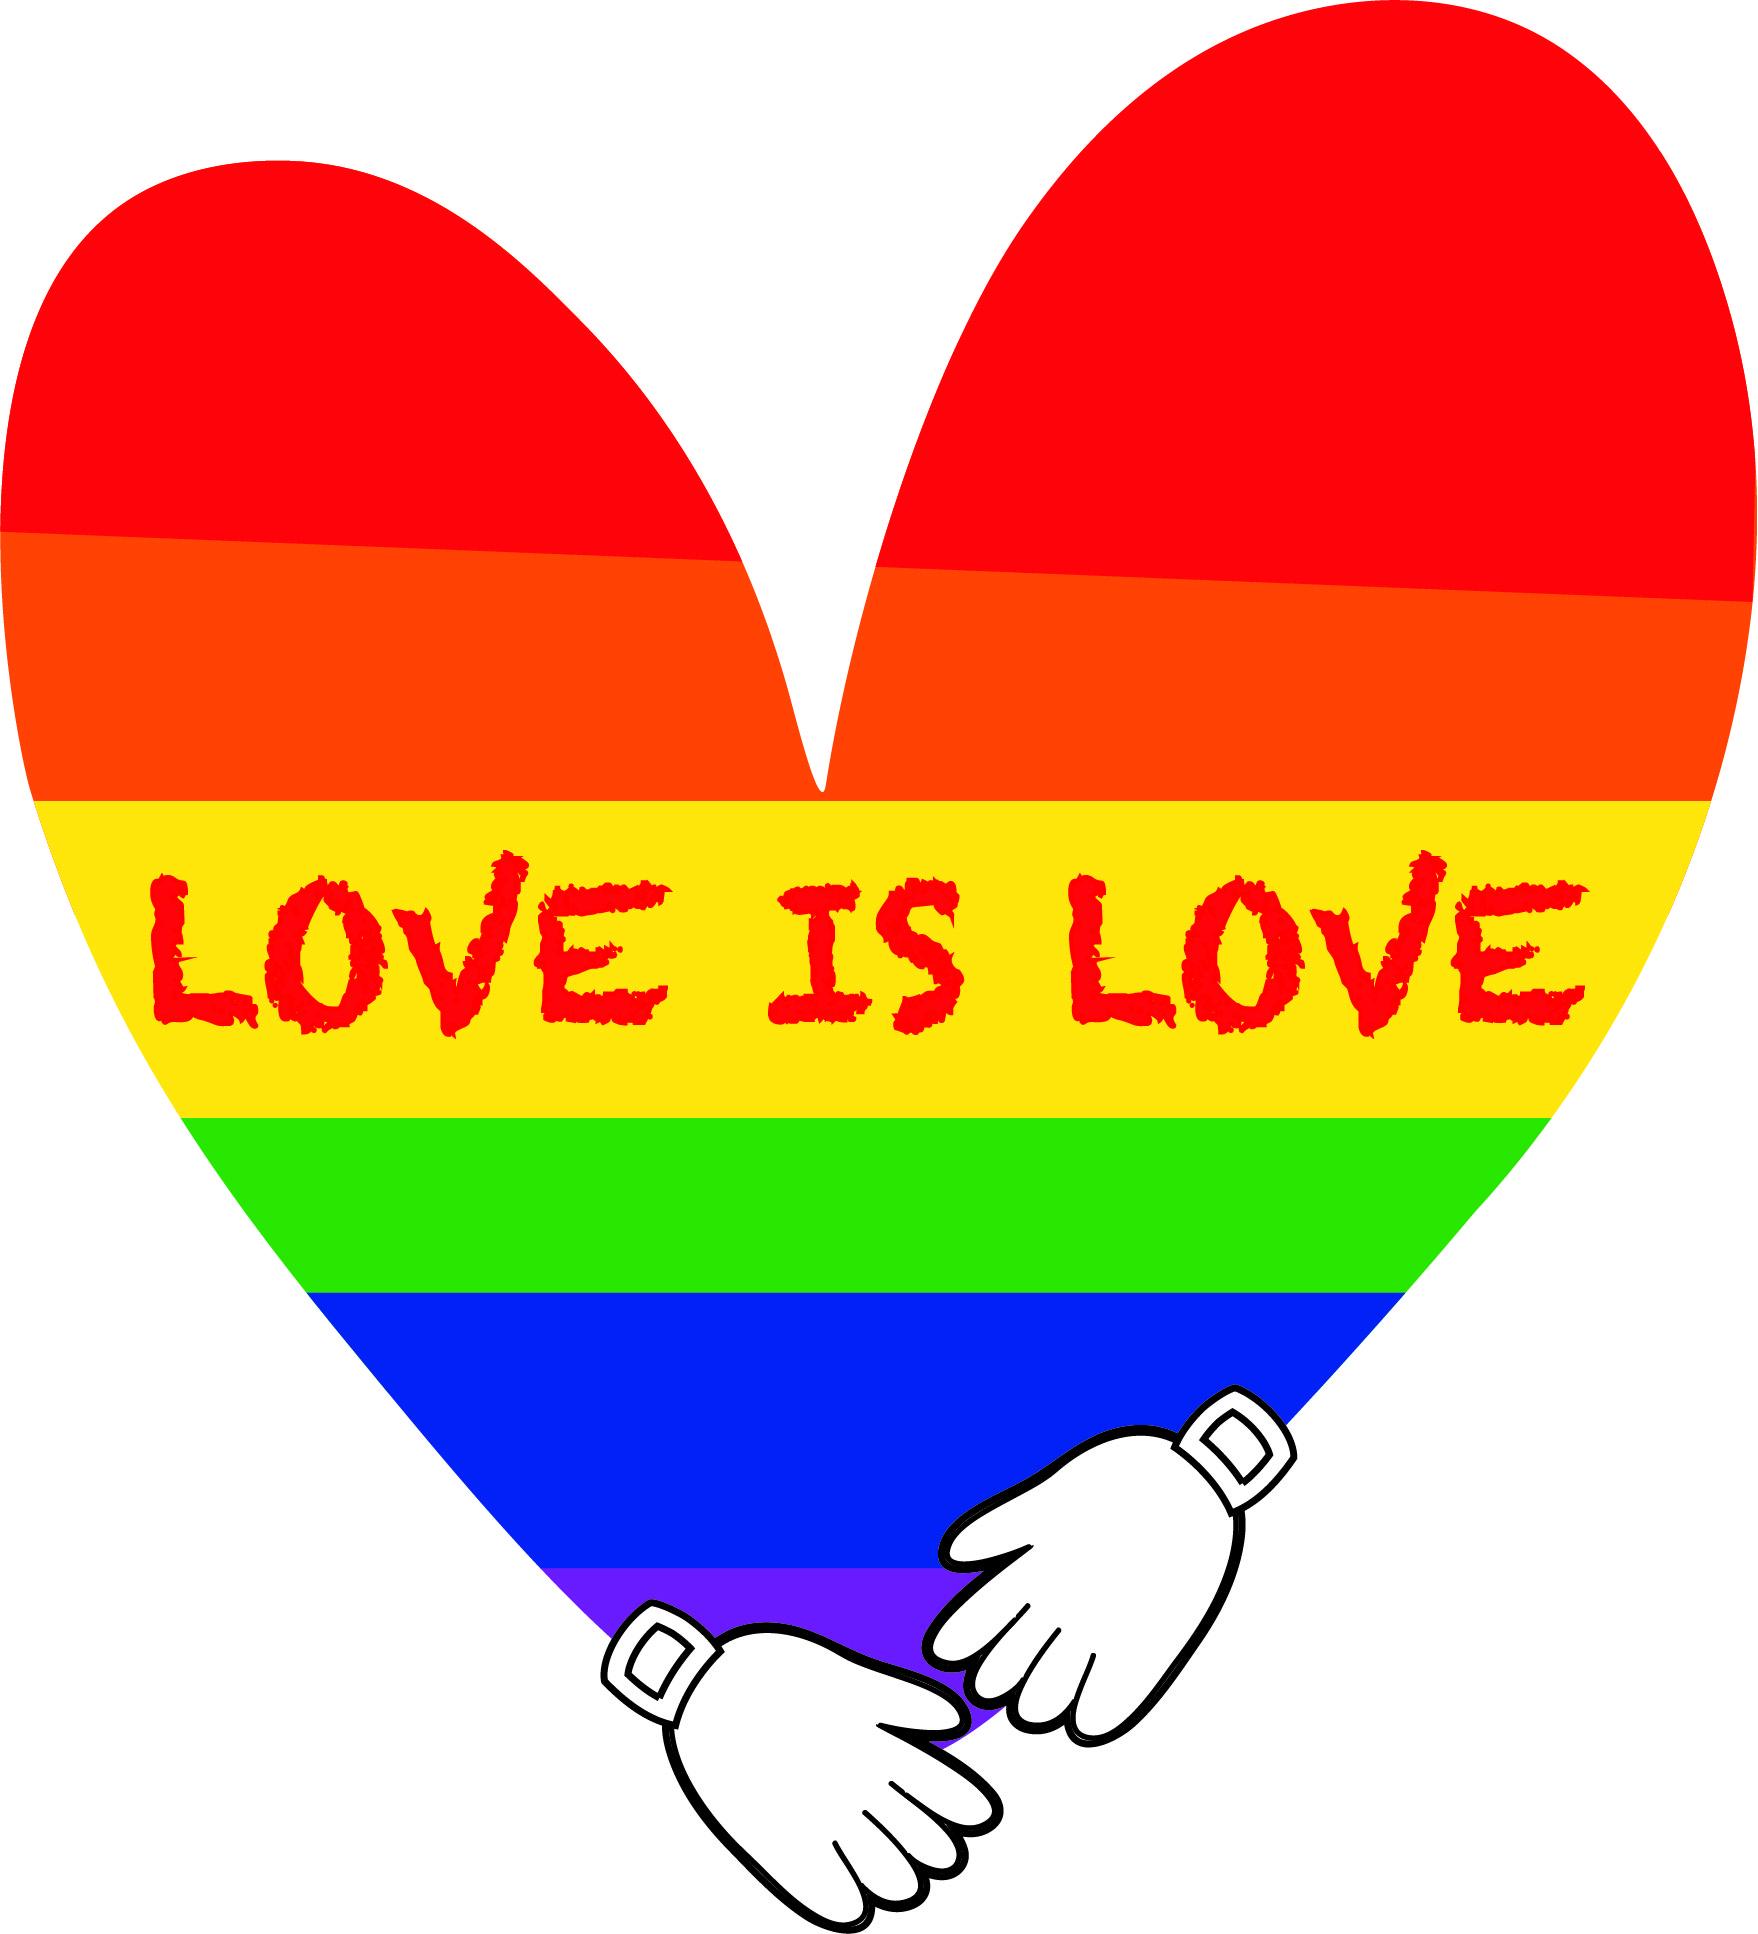 Love is Love, pride 2020!